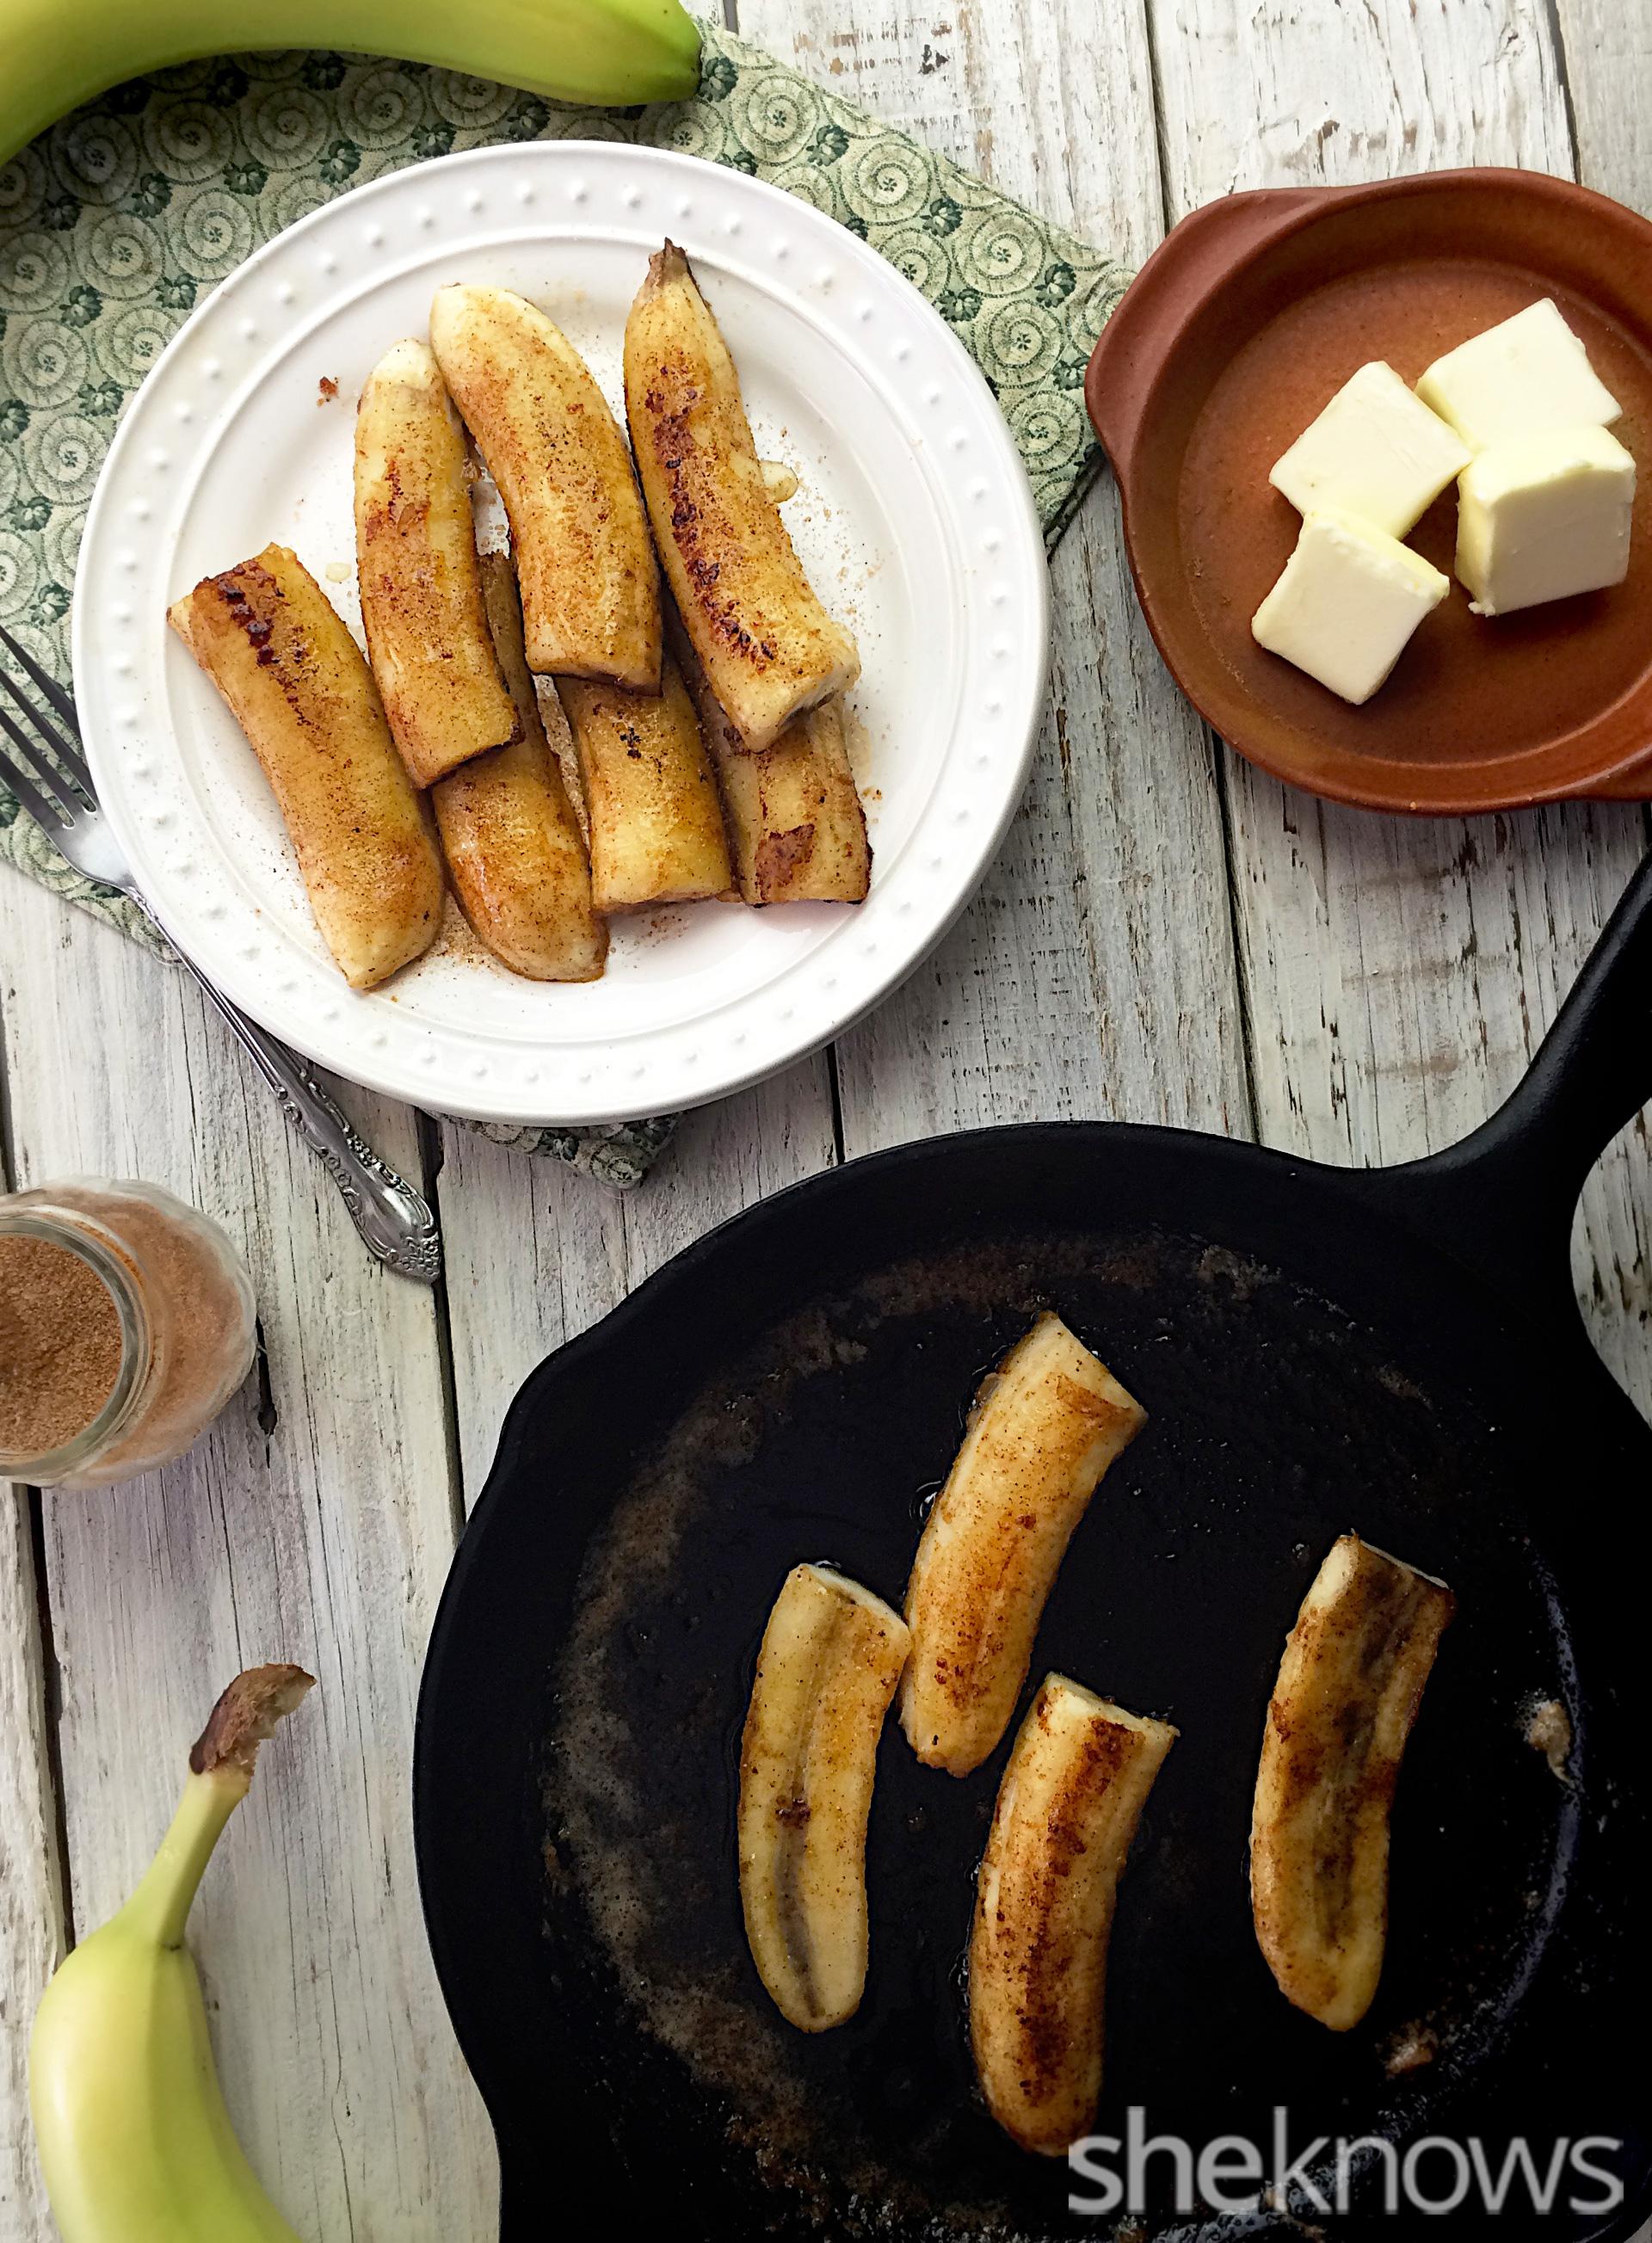 brazilian fried bananas